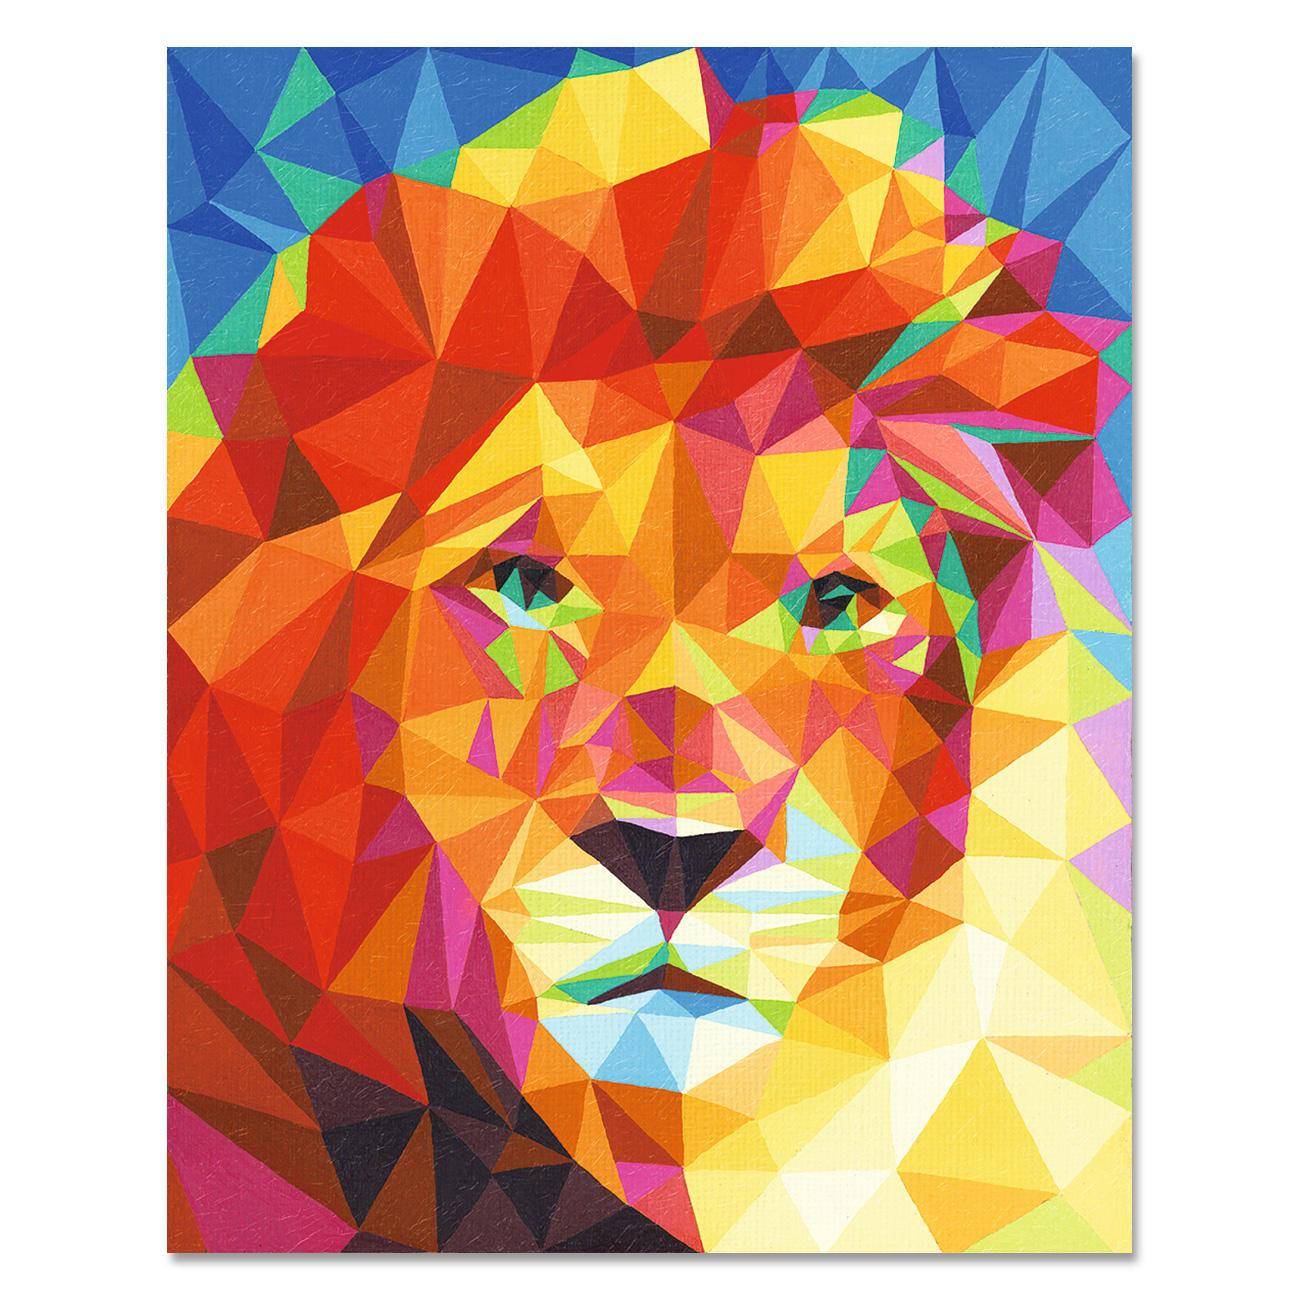 Malen nach zahlen polygon art l we - Leinwand zum malen ...